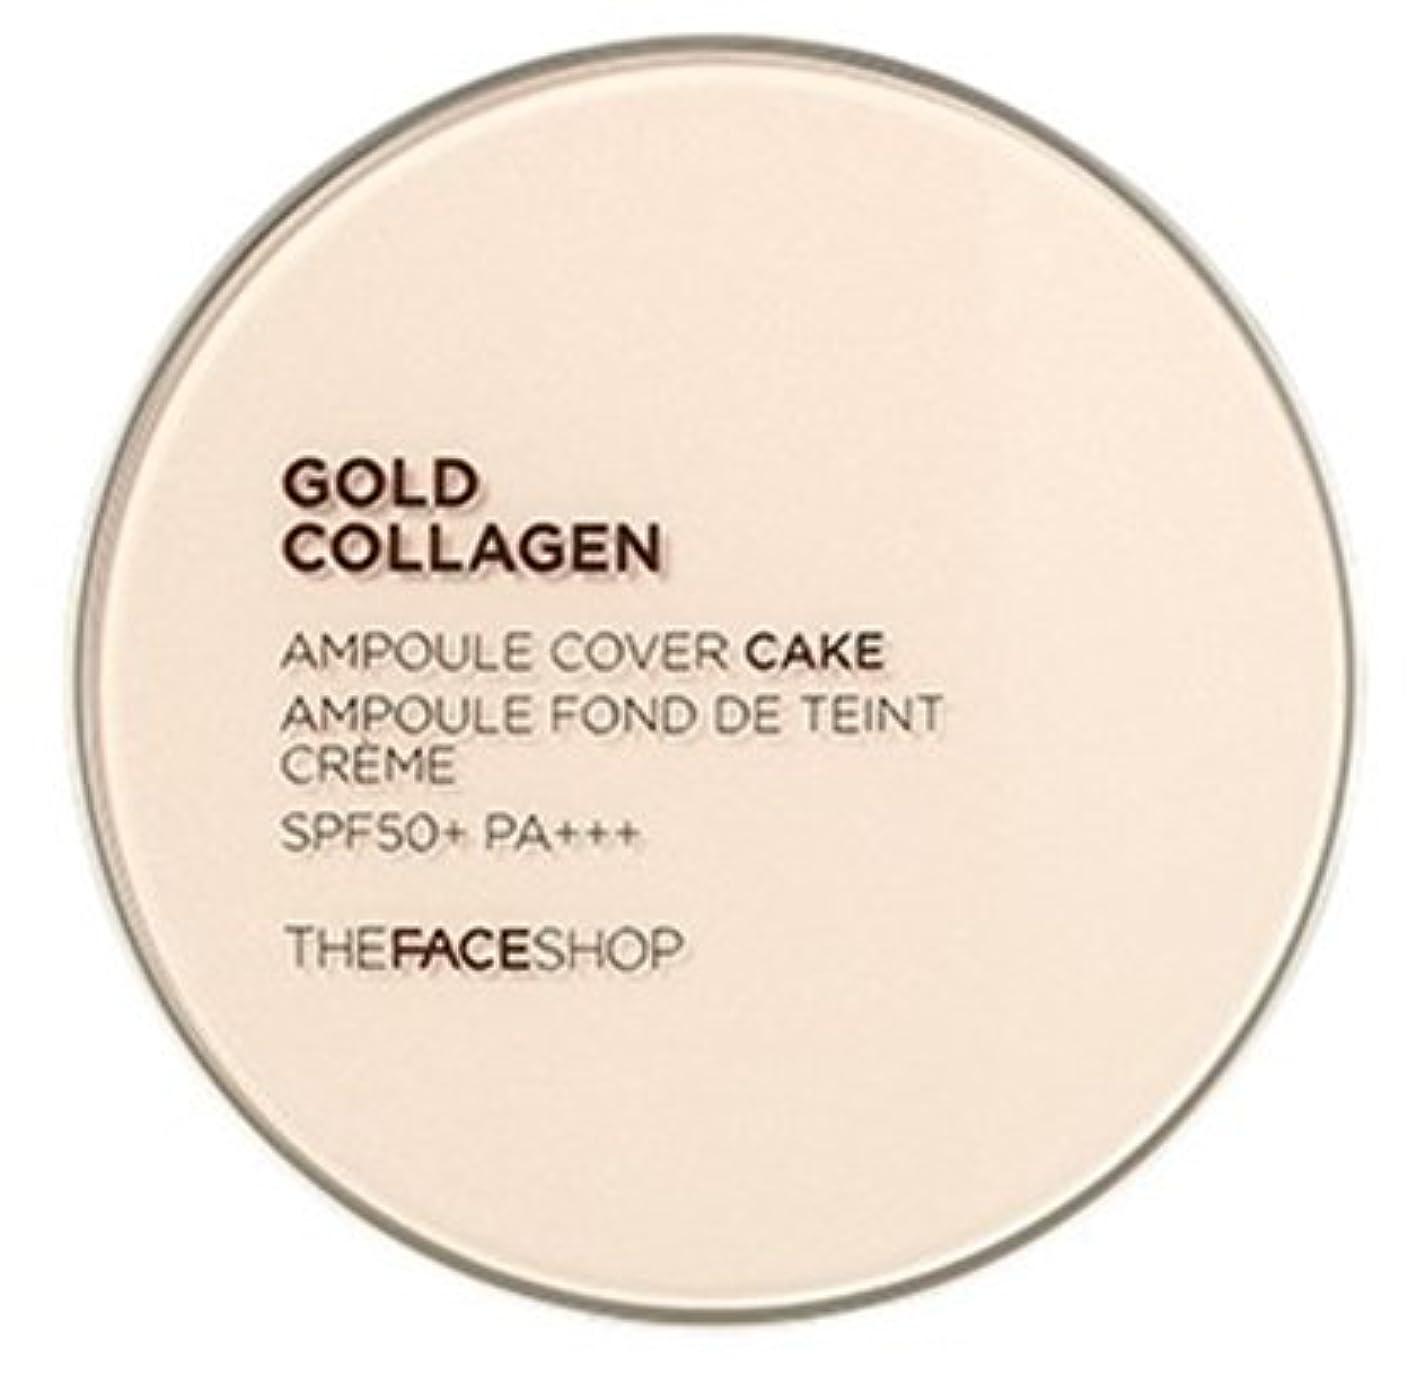 オーケストラフルーツ革命的ザフェイスショップ(The Face Shop) ゴールドコラーゲンアンプルカバーケーキ #N203